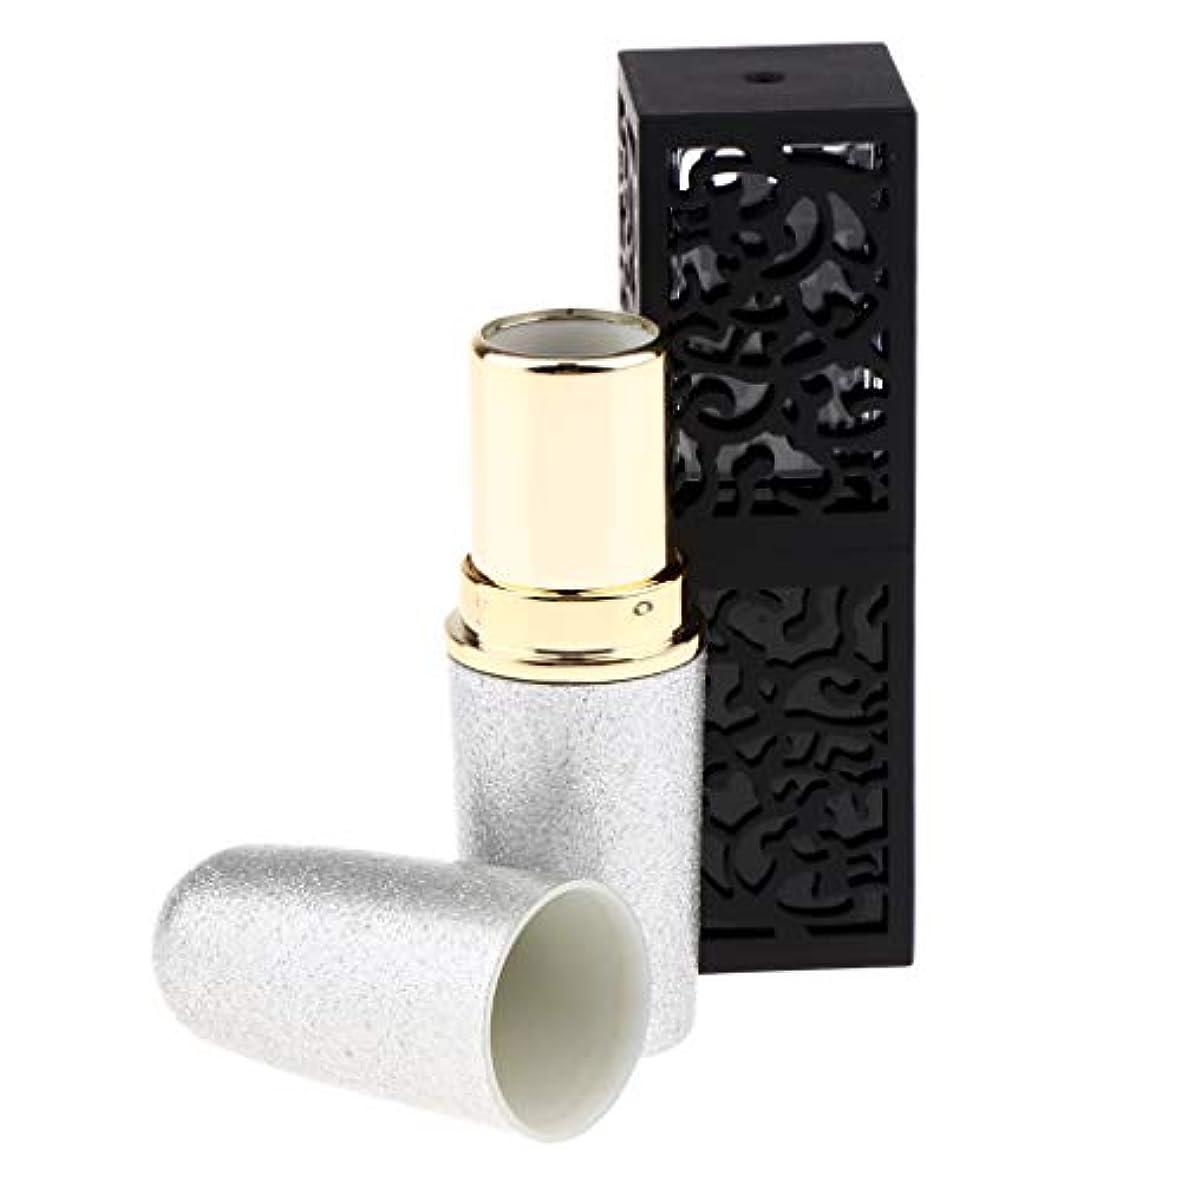 脚本計算するスクリューDYNWAVE 口紅 容器 リップクリームチューブ 口紅チューブ リップクリーム 口紅用詰替え容器 固形香水 口紅